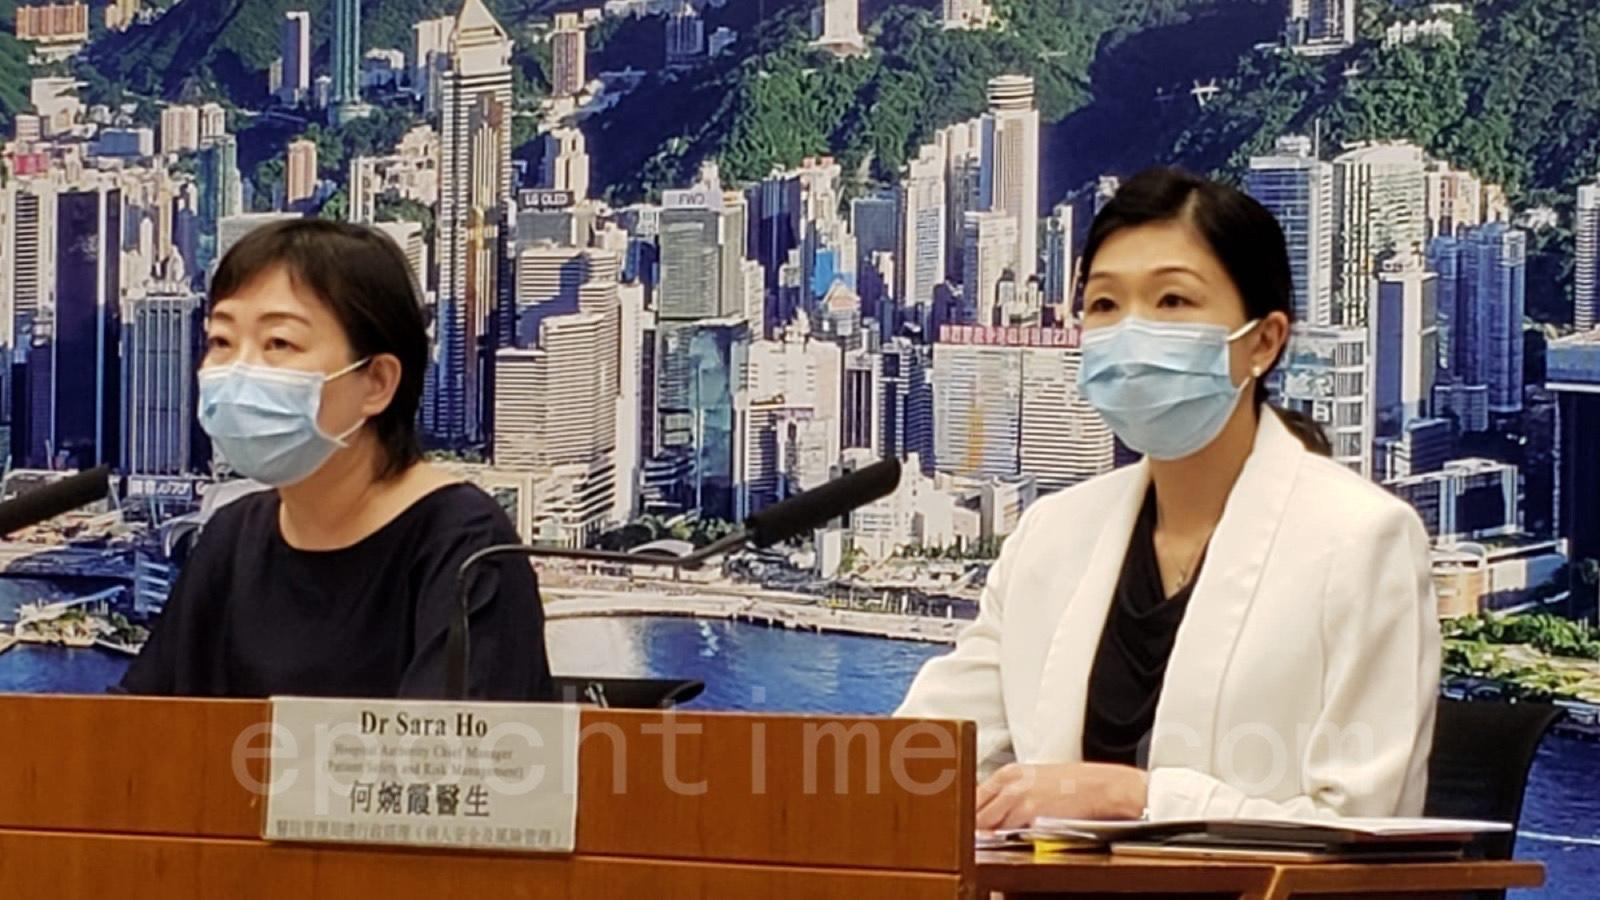 本港今日(8月26日)新增24宗中共病毒(武漢肺炎)確診個案,累計個案增至4,736宗。(郭威利/大紀元)